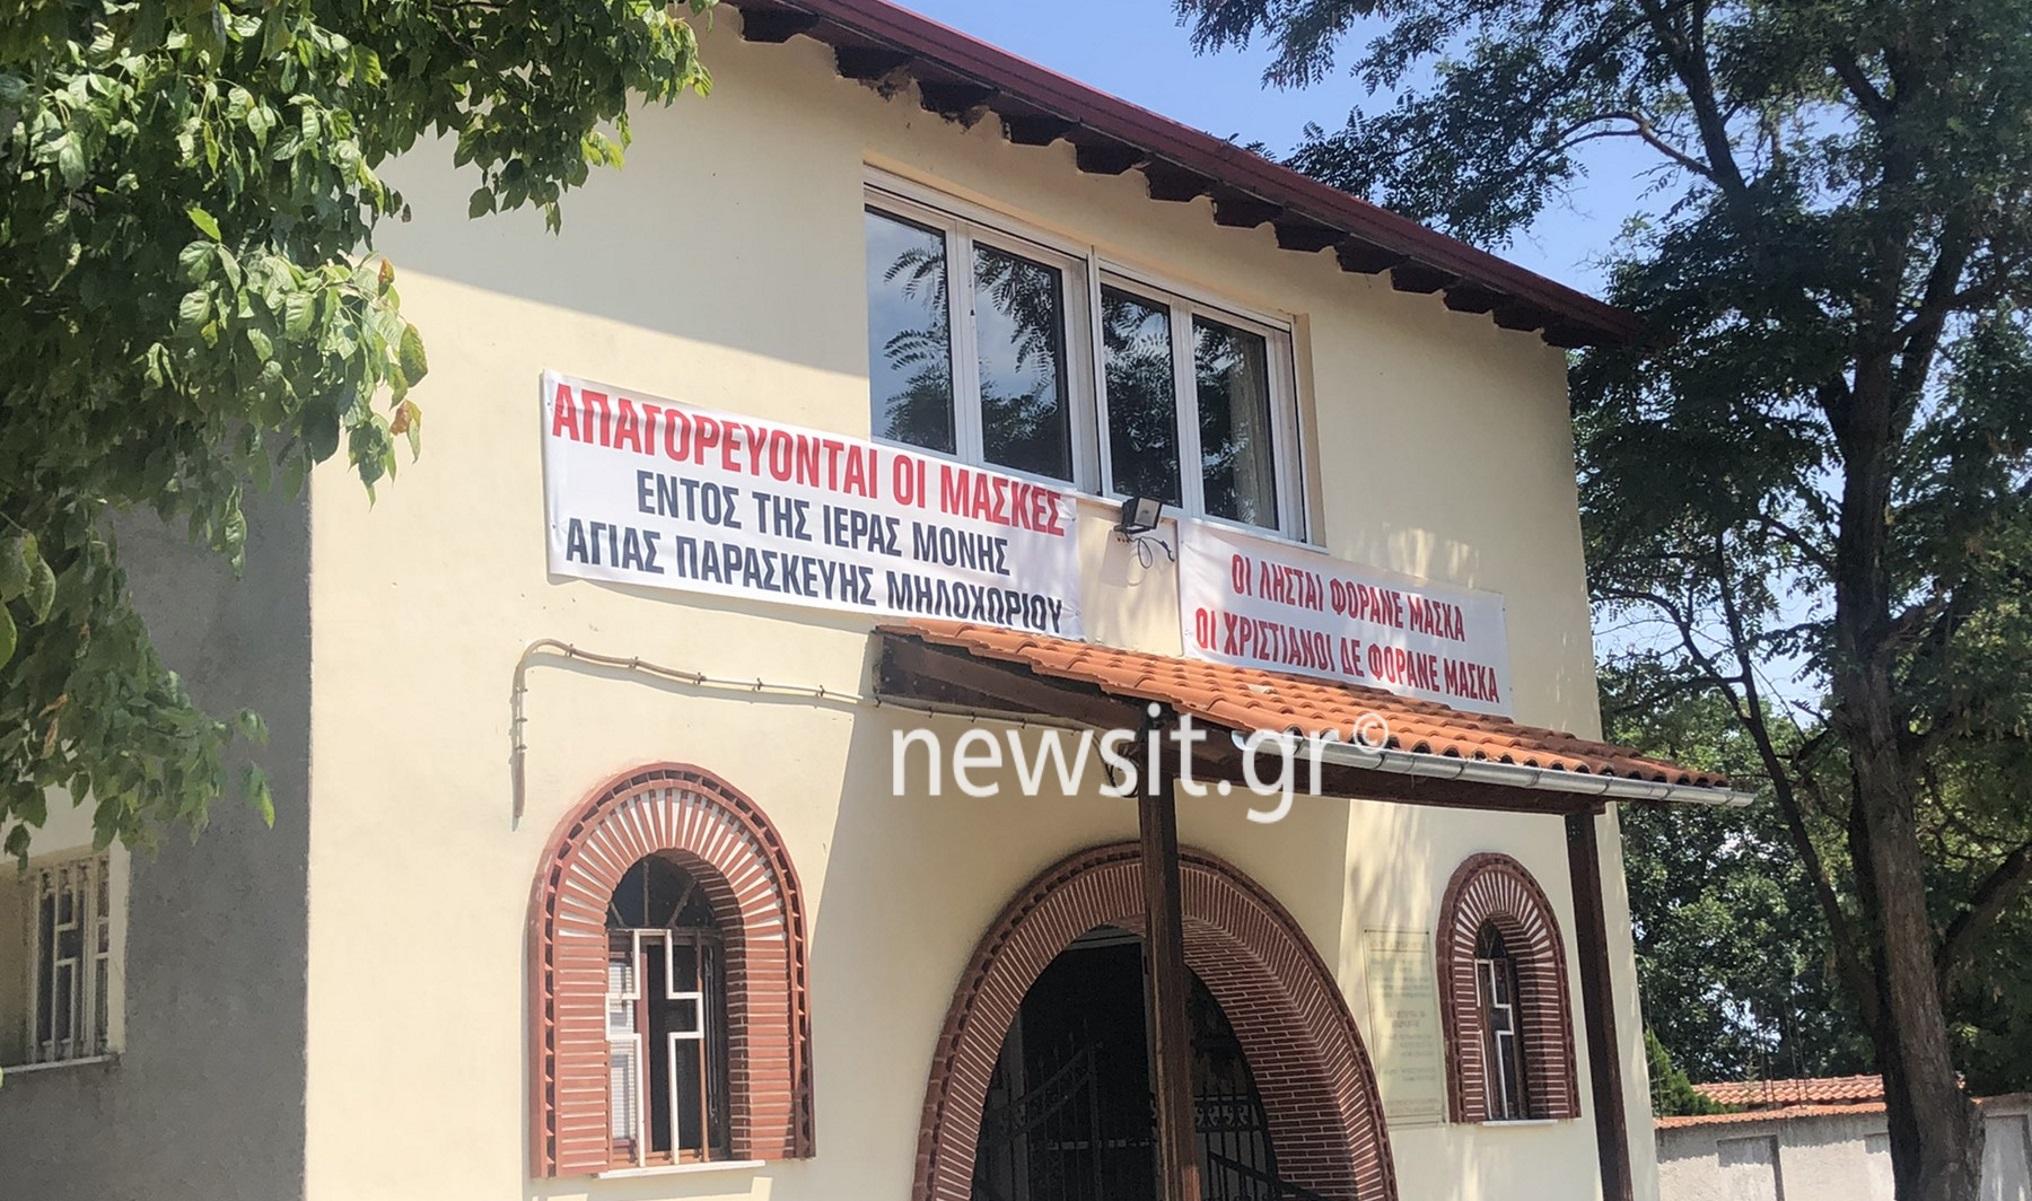 Κορονοϊός – Κοζάνη: Στο newsit o ηγούμενος του μοναστηριού που απαγόρευσε τις μάσκες